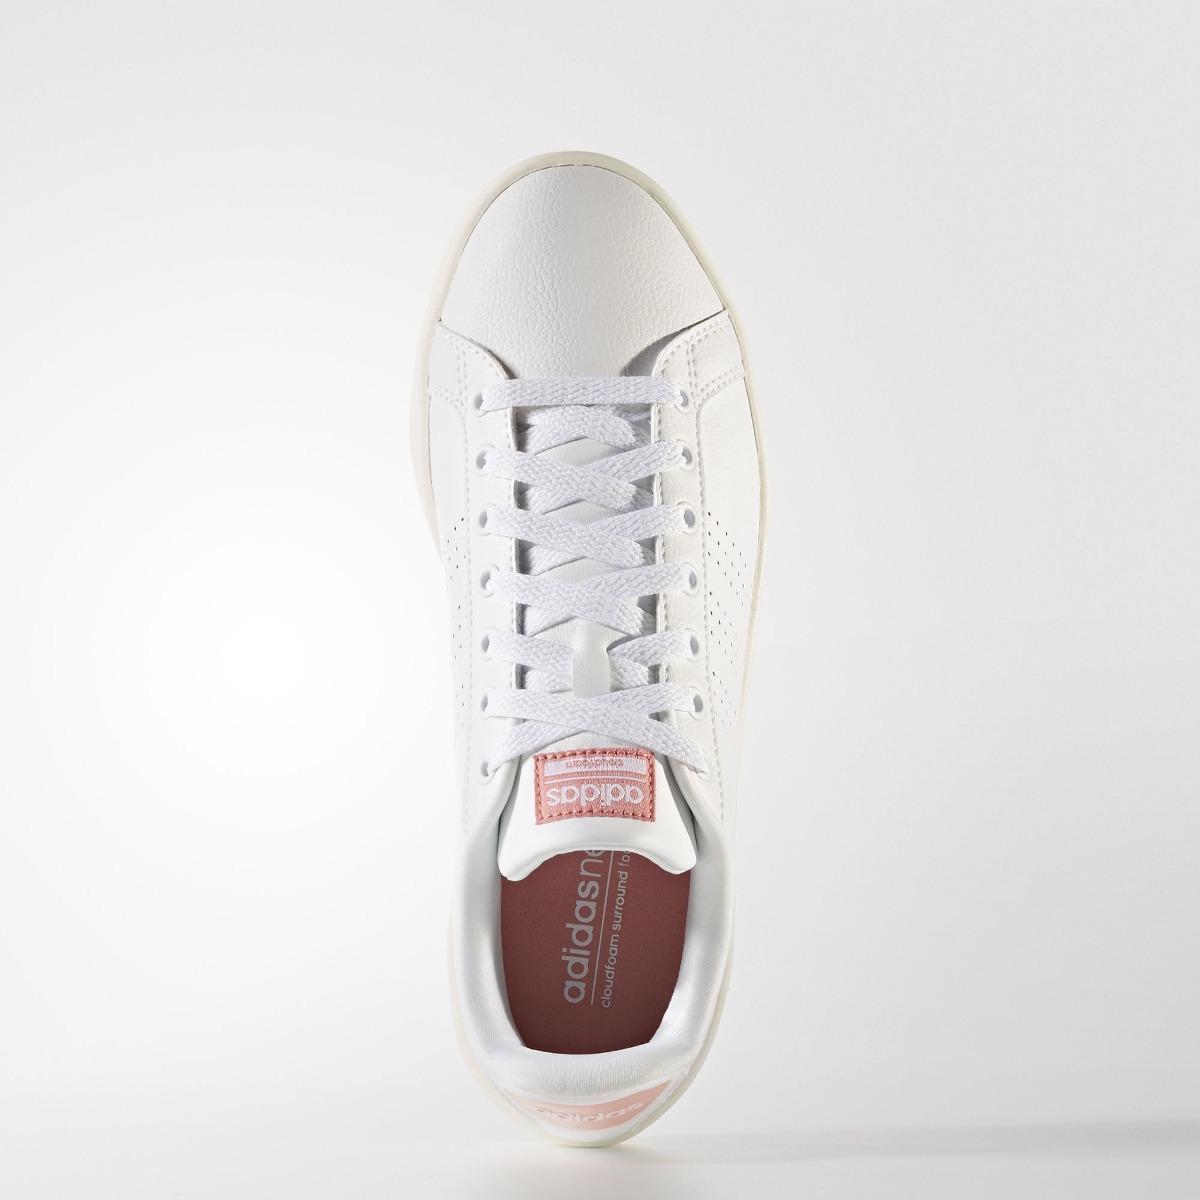 Zapatillas adidas Neo Cloudfoam Advantage Mujer Blanco